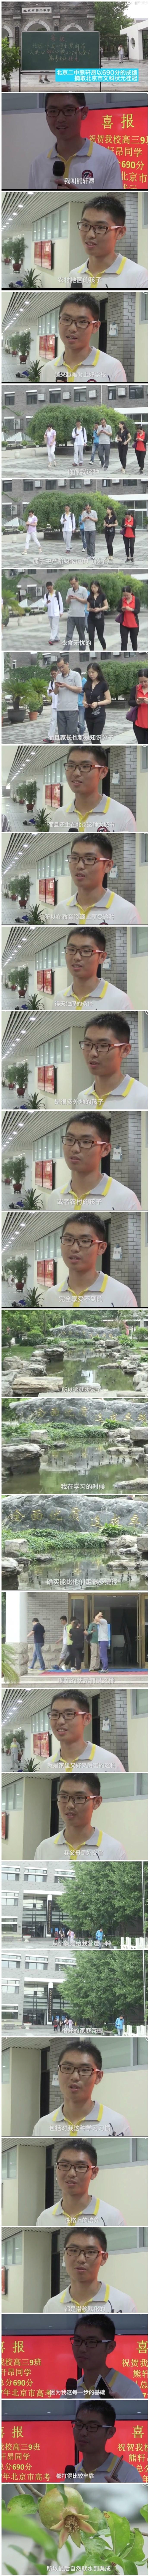 【图说天朝】北京高考文科状元对教育公平的反思